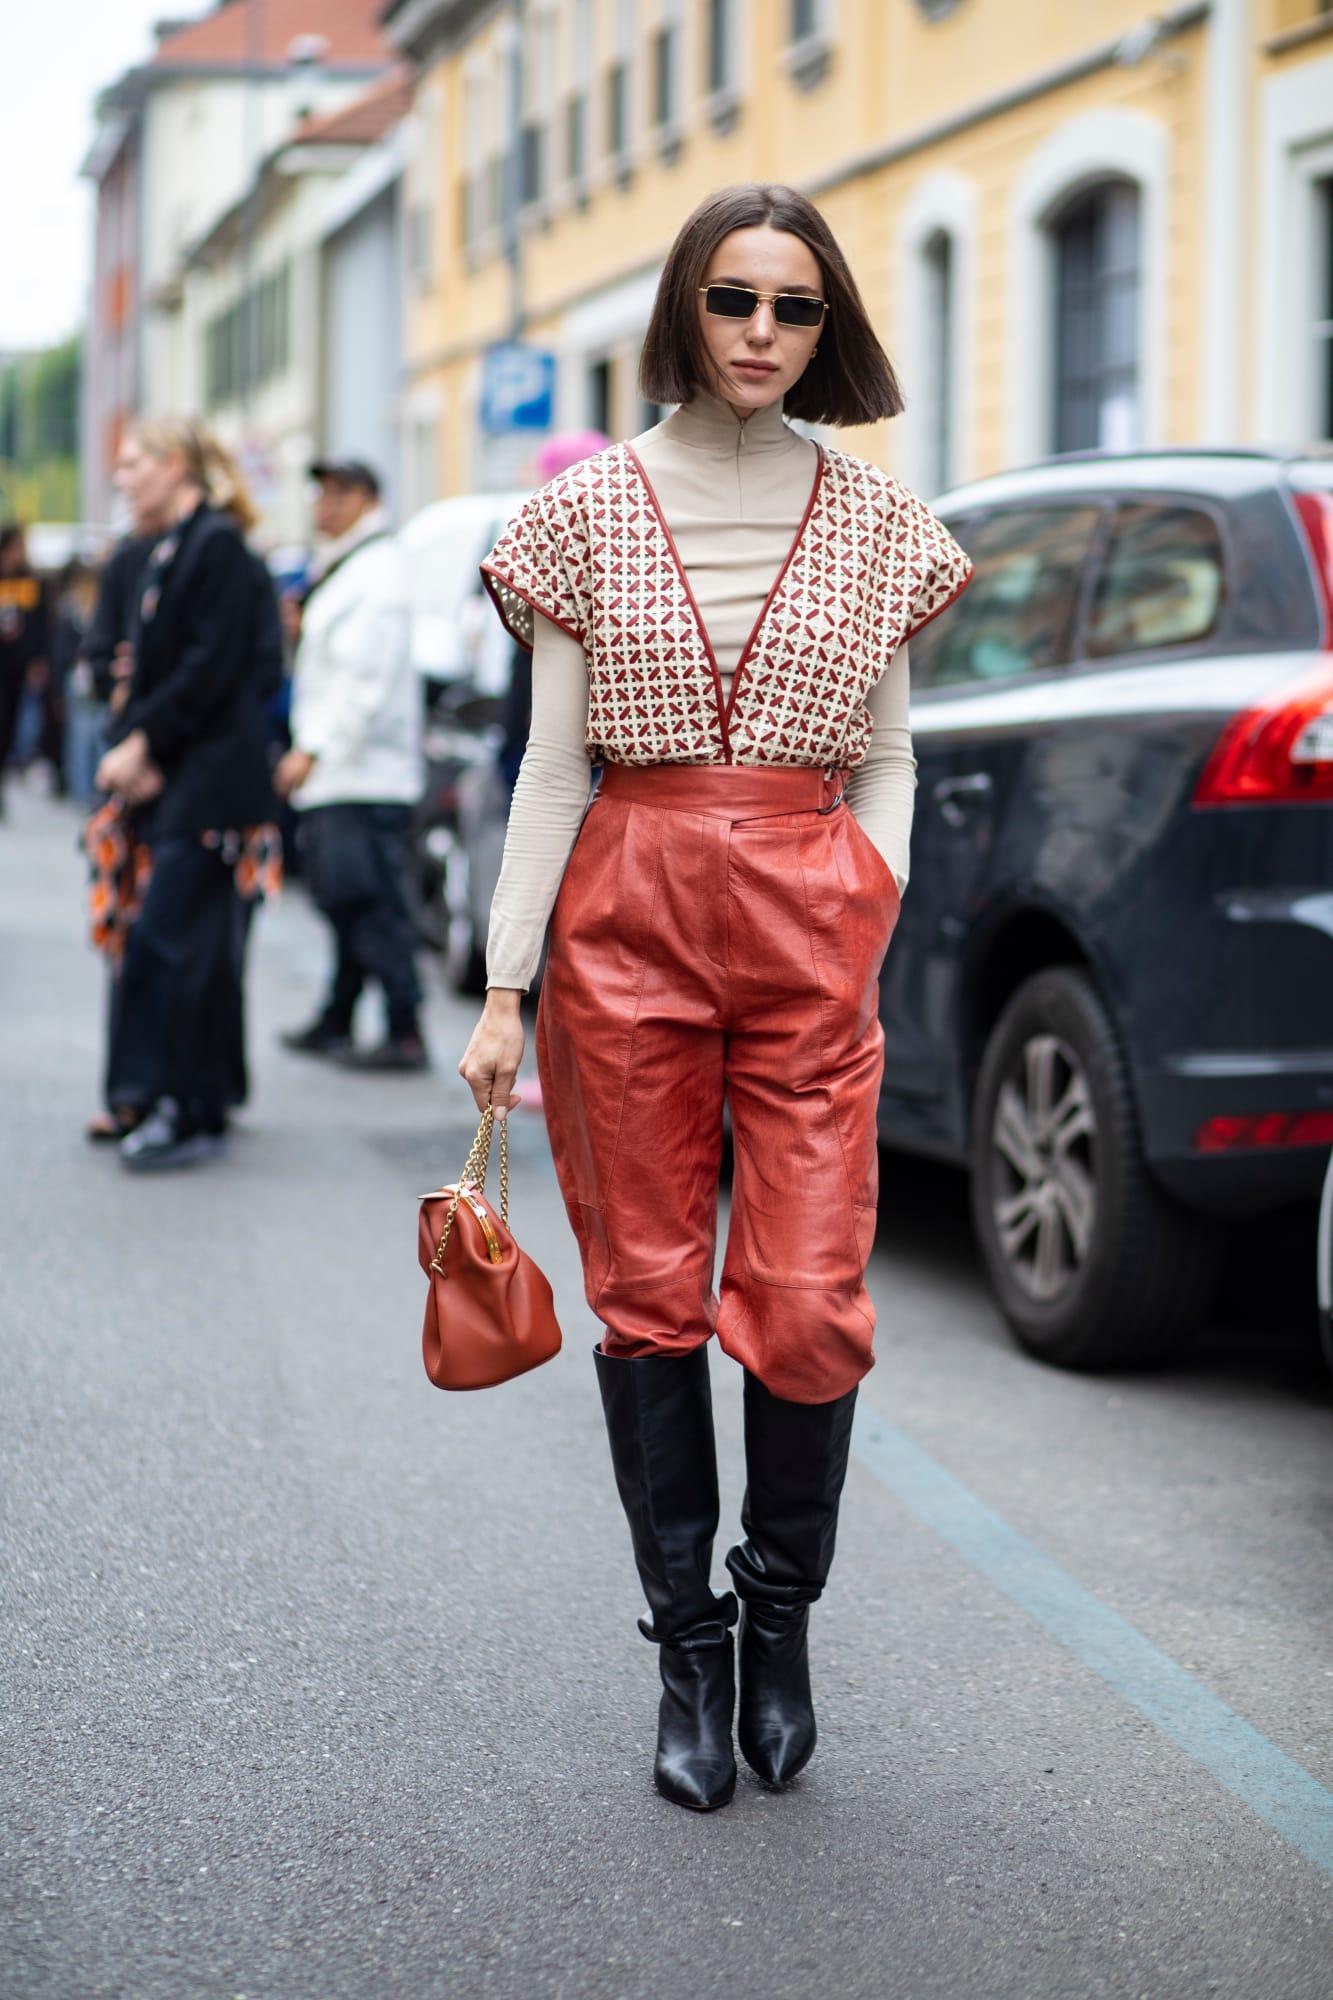 khi phối da cùng chất liệu khác, nhiều fashionista chọn item có màu sắc hài hoà